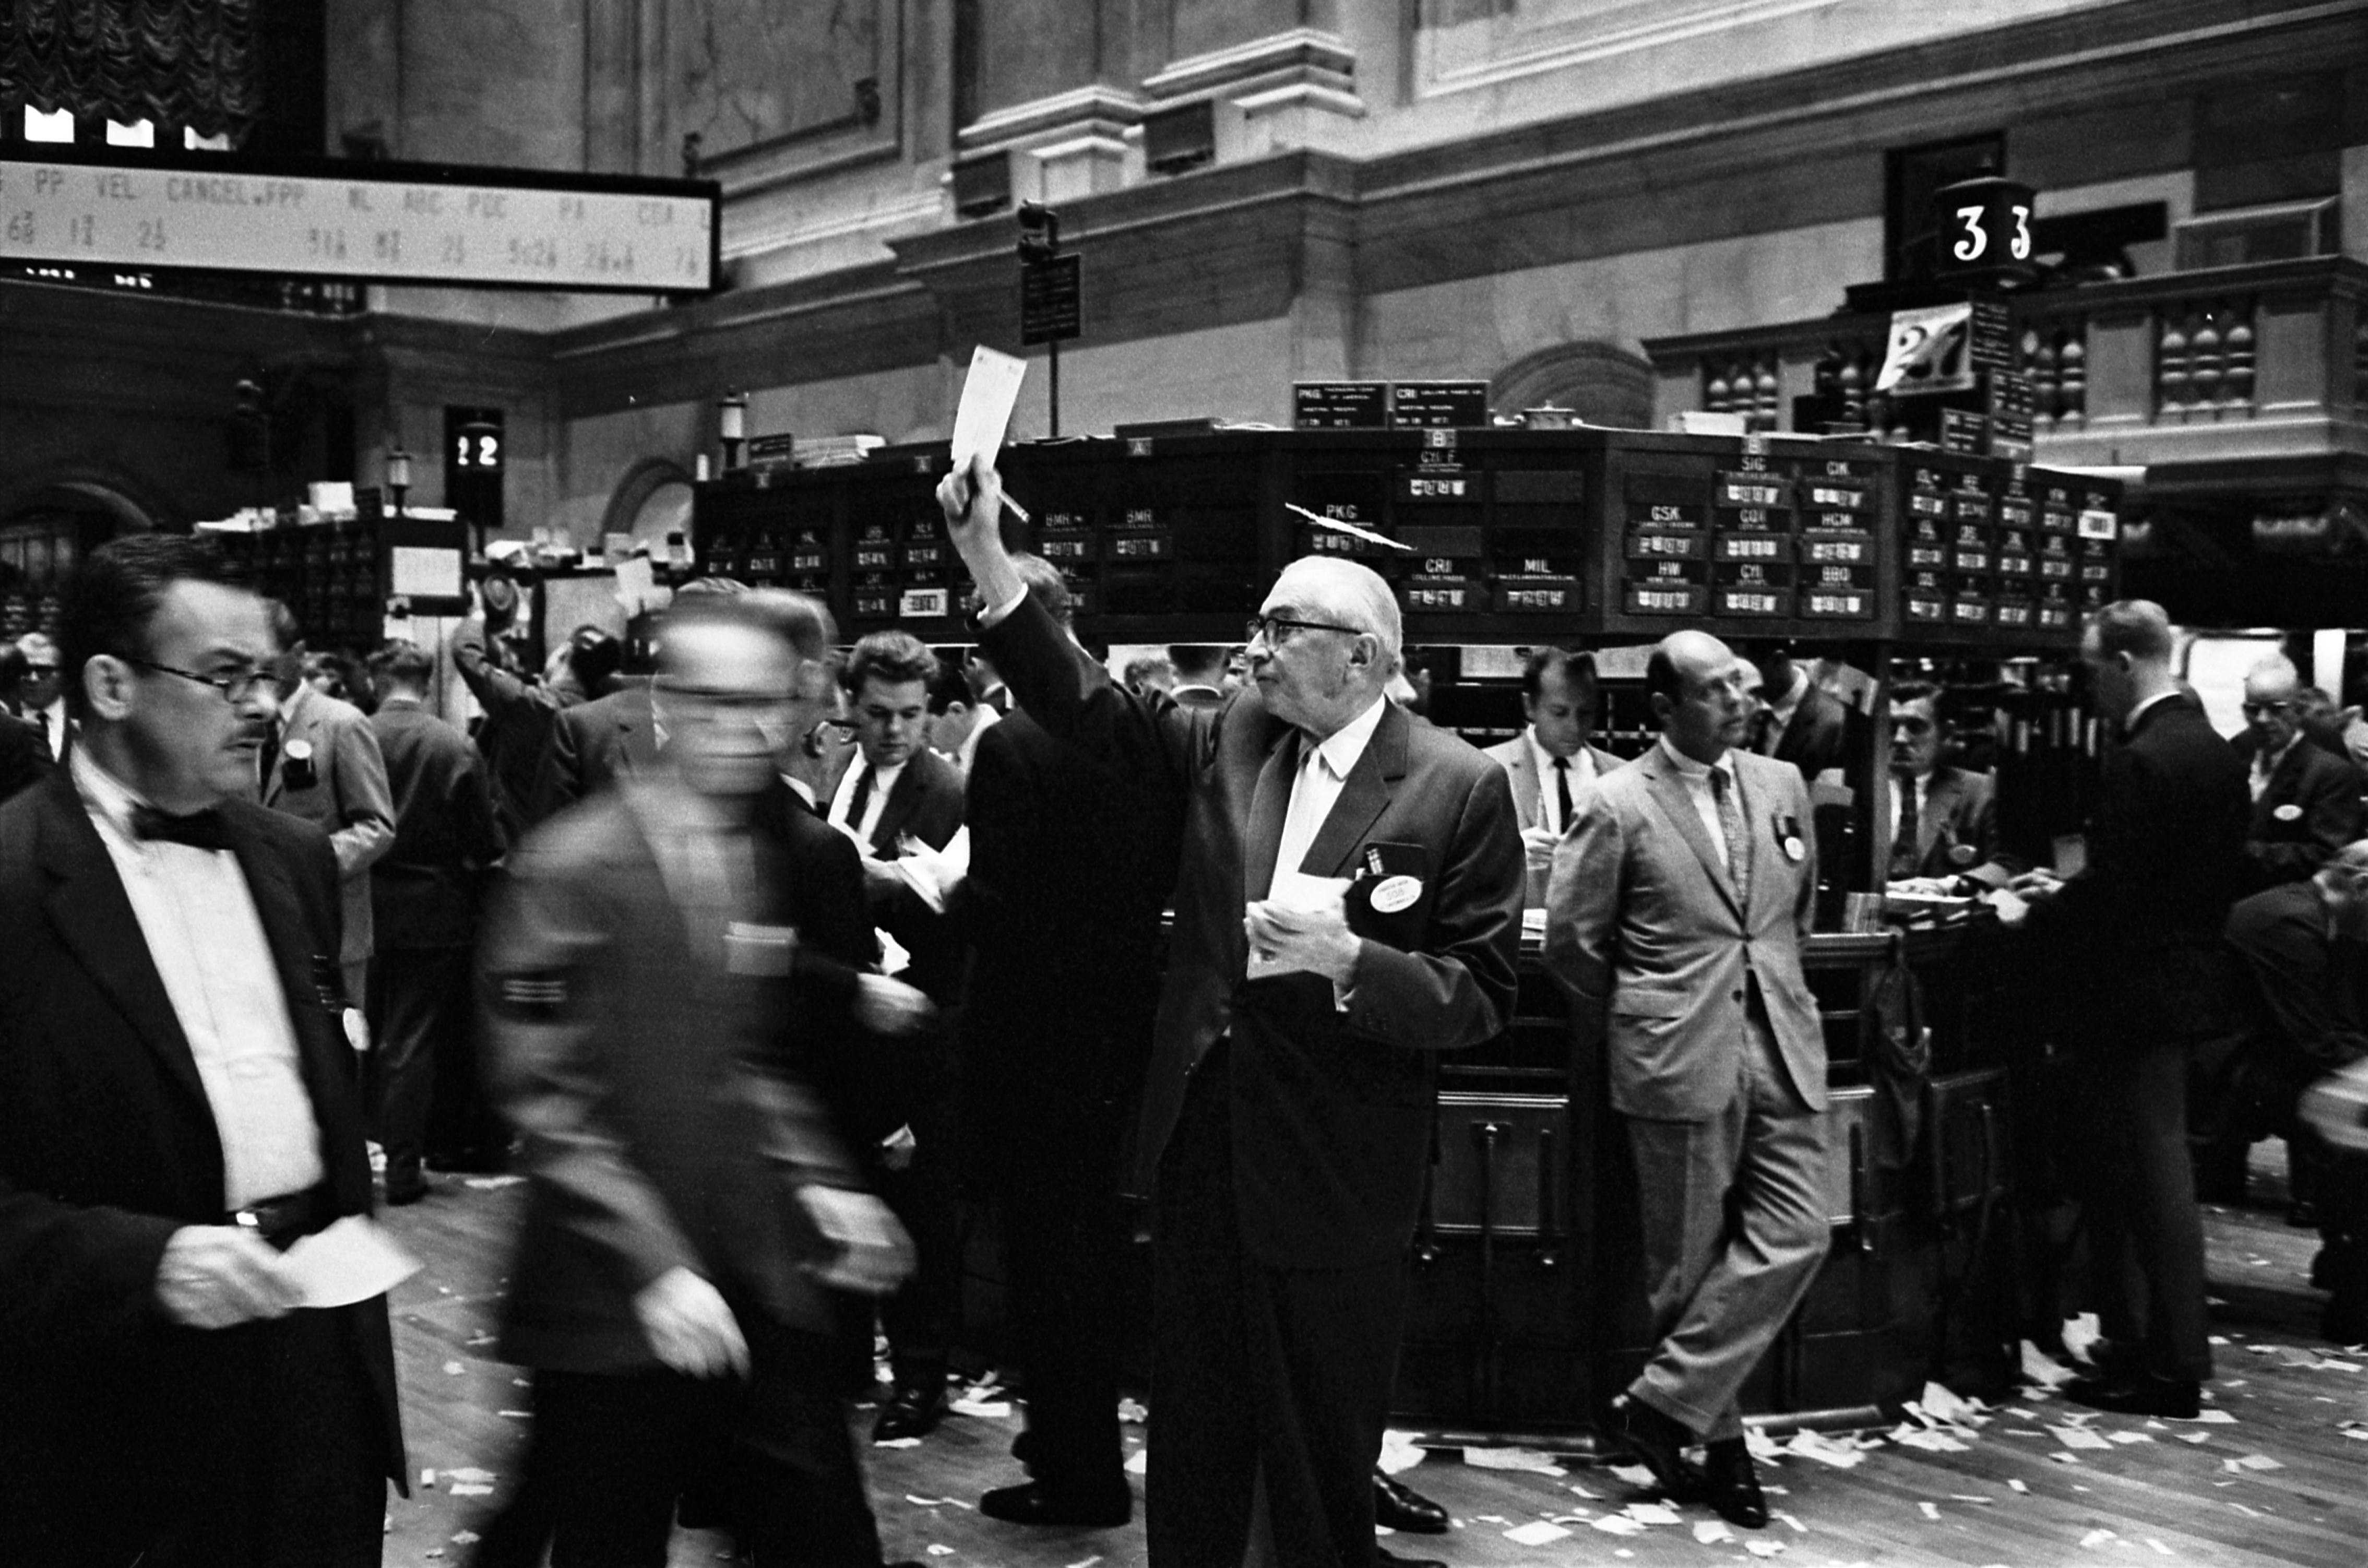 Kết quả hình ảnh cho old time trading stock